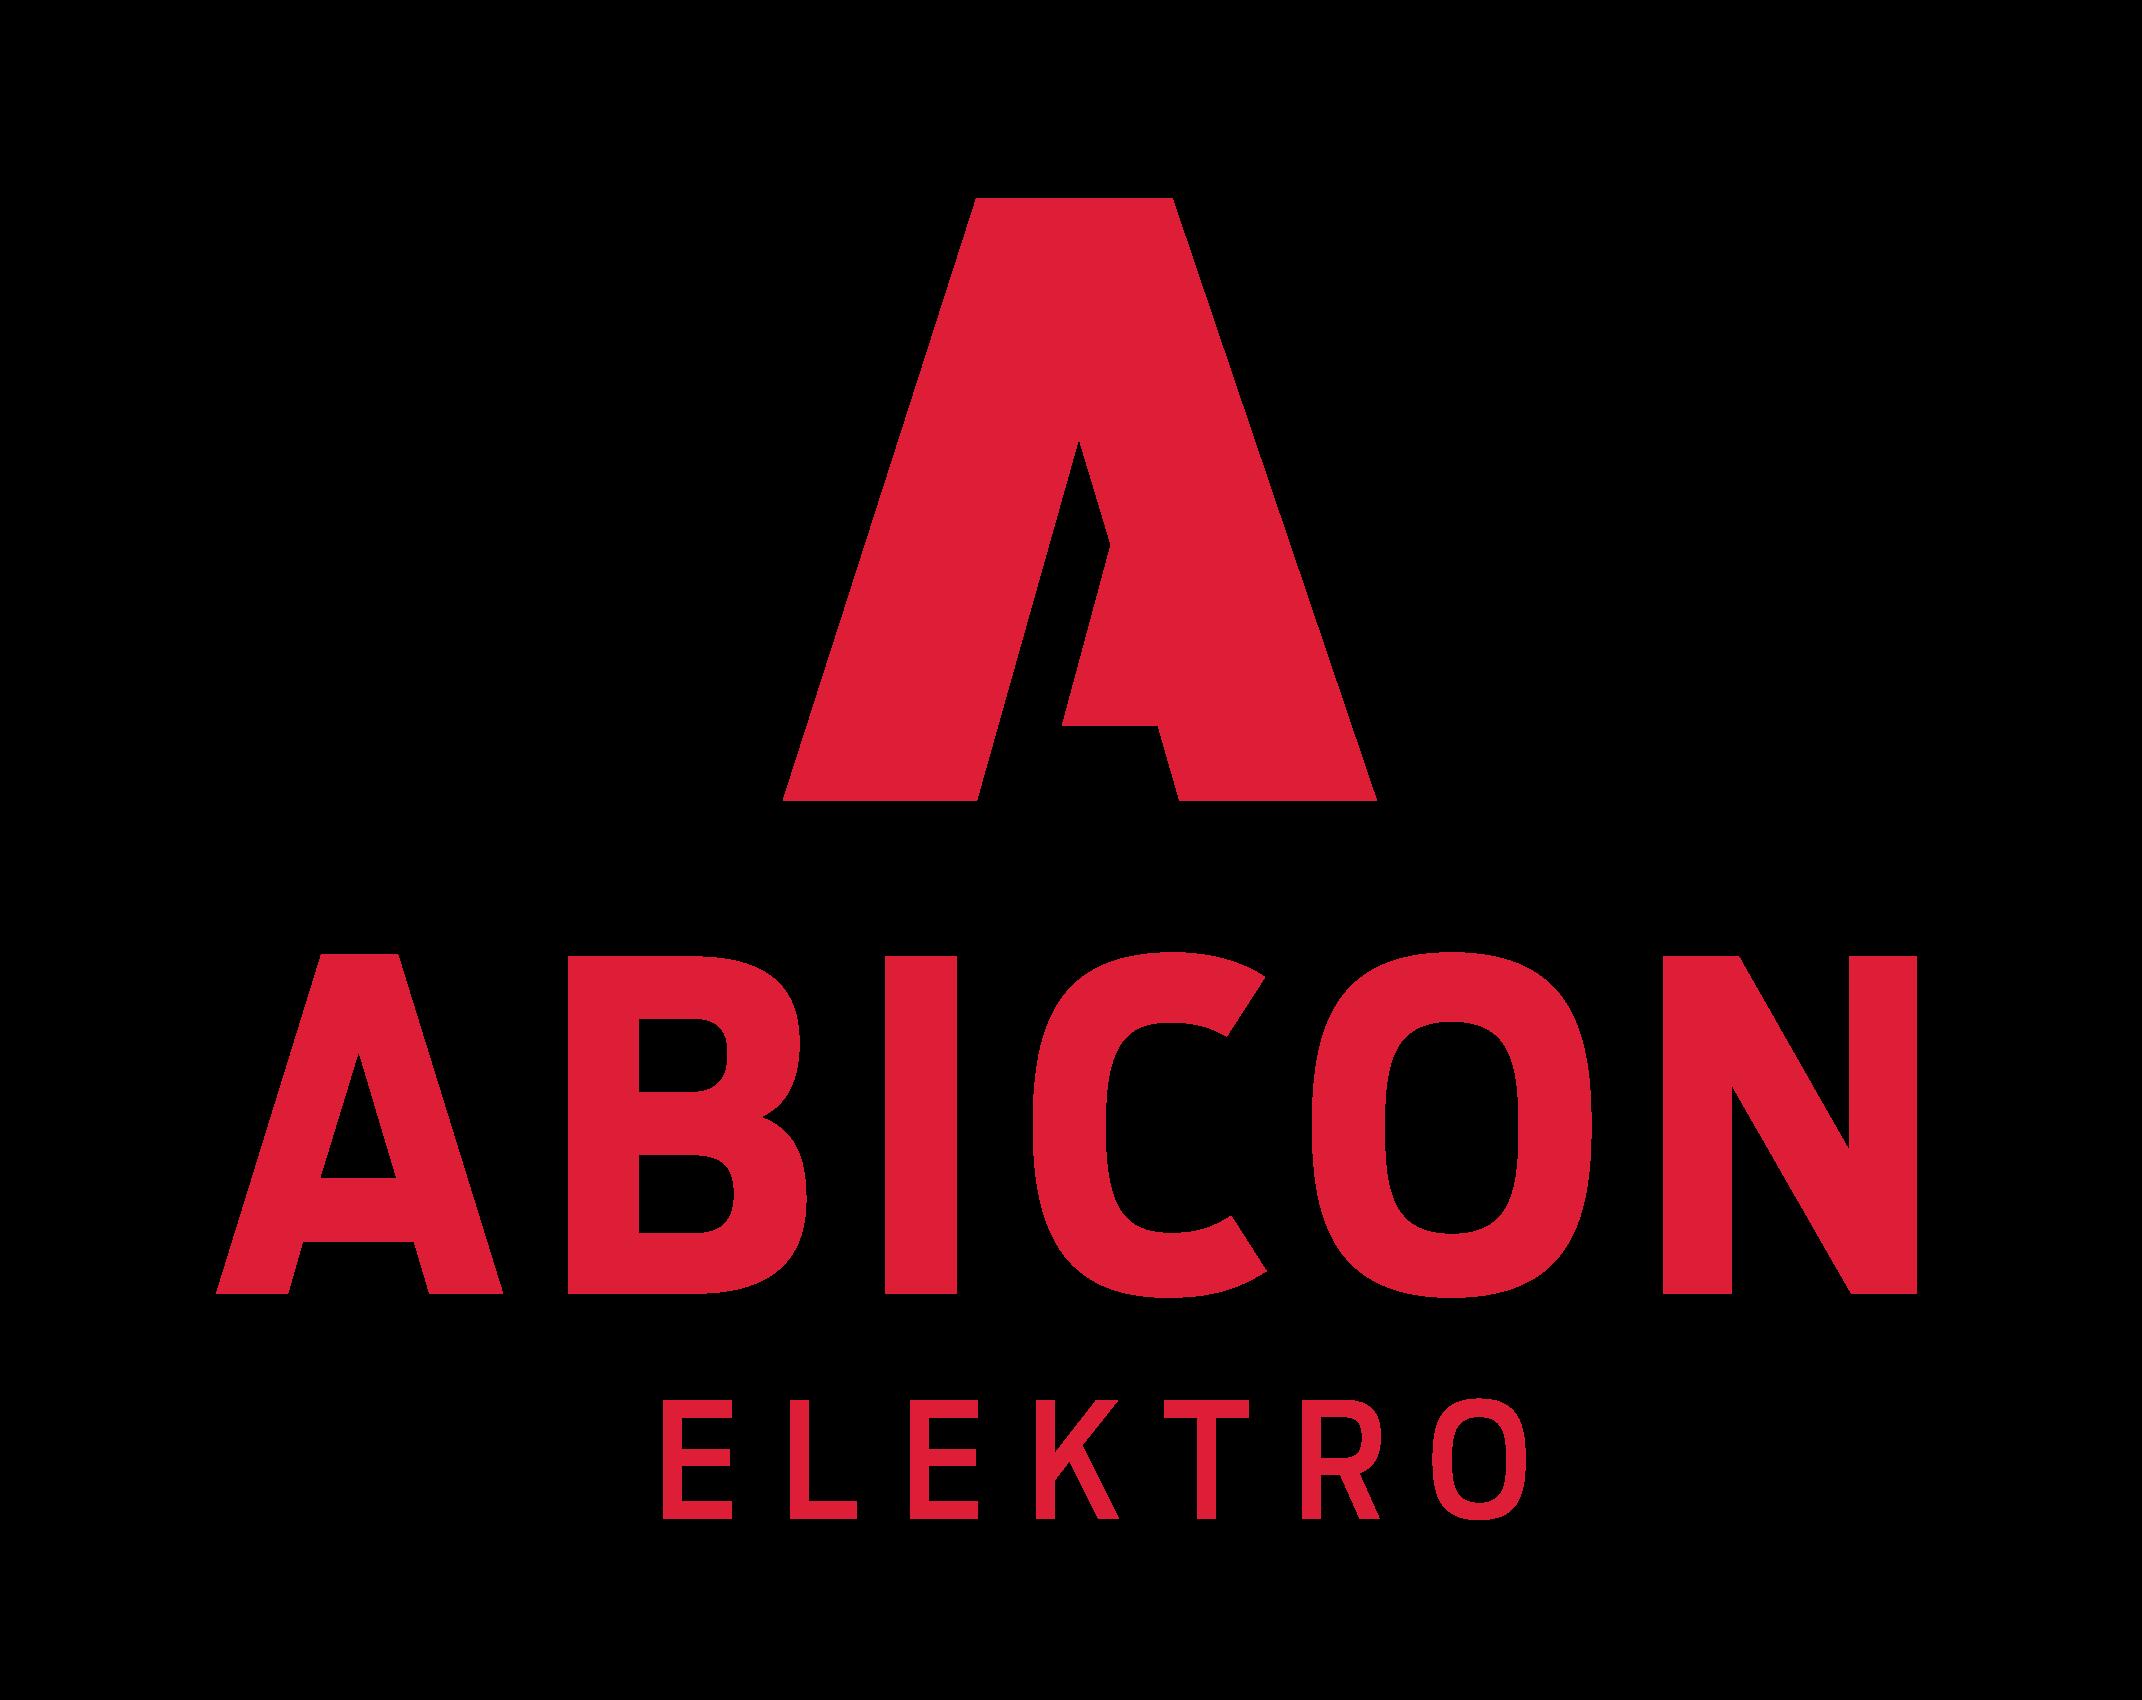 Abicon